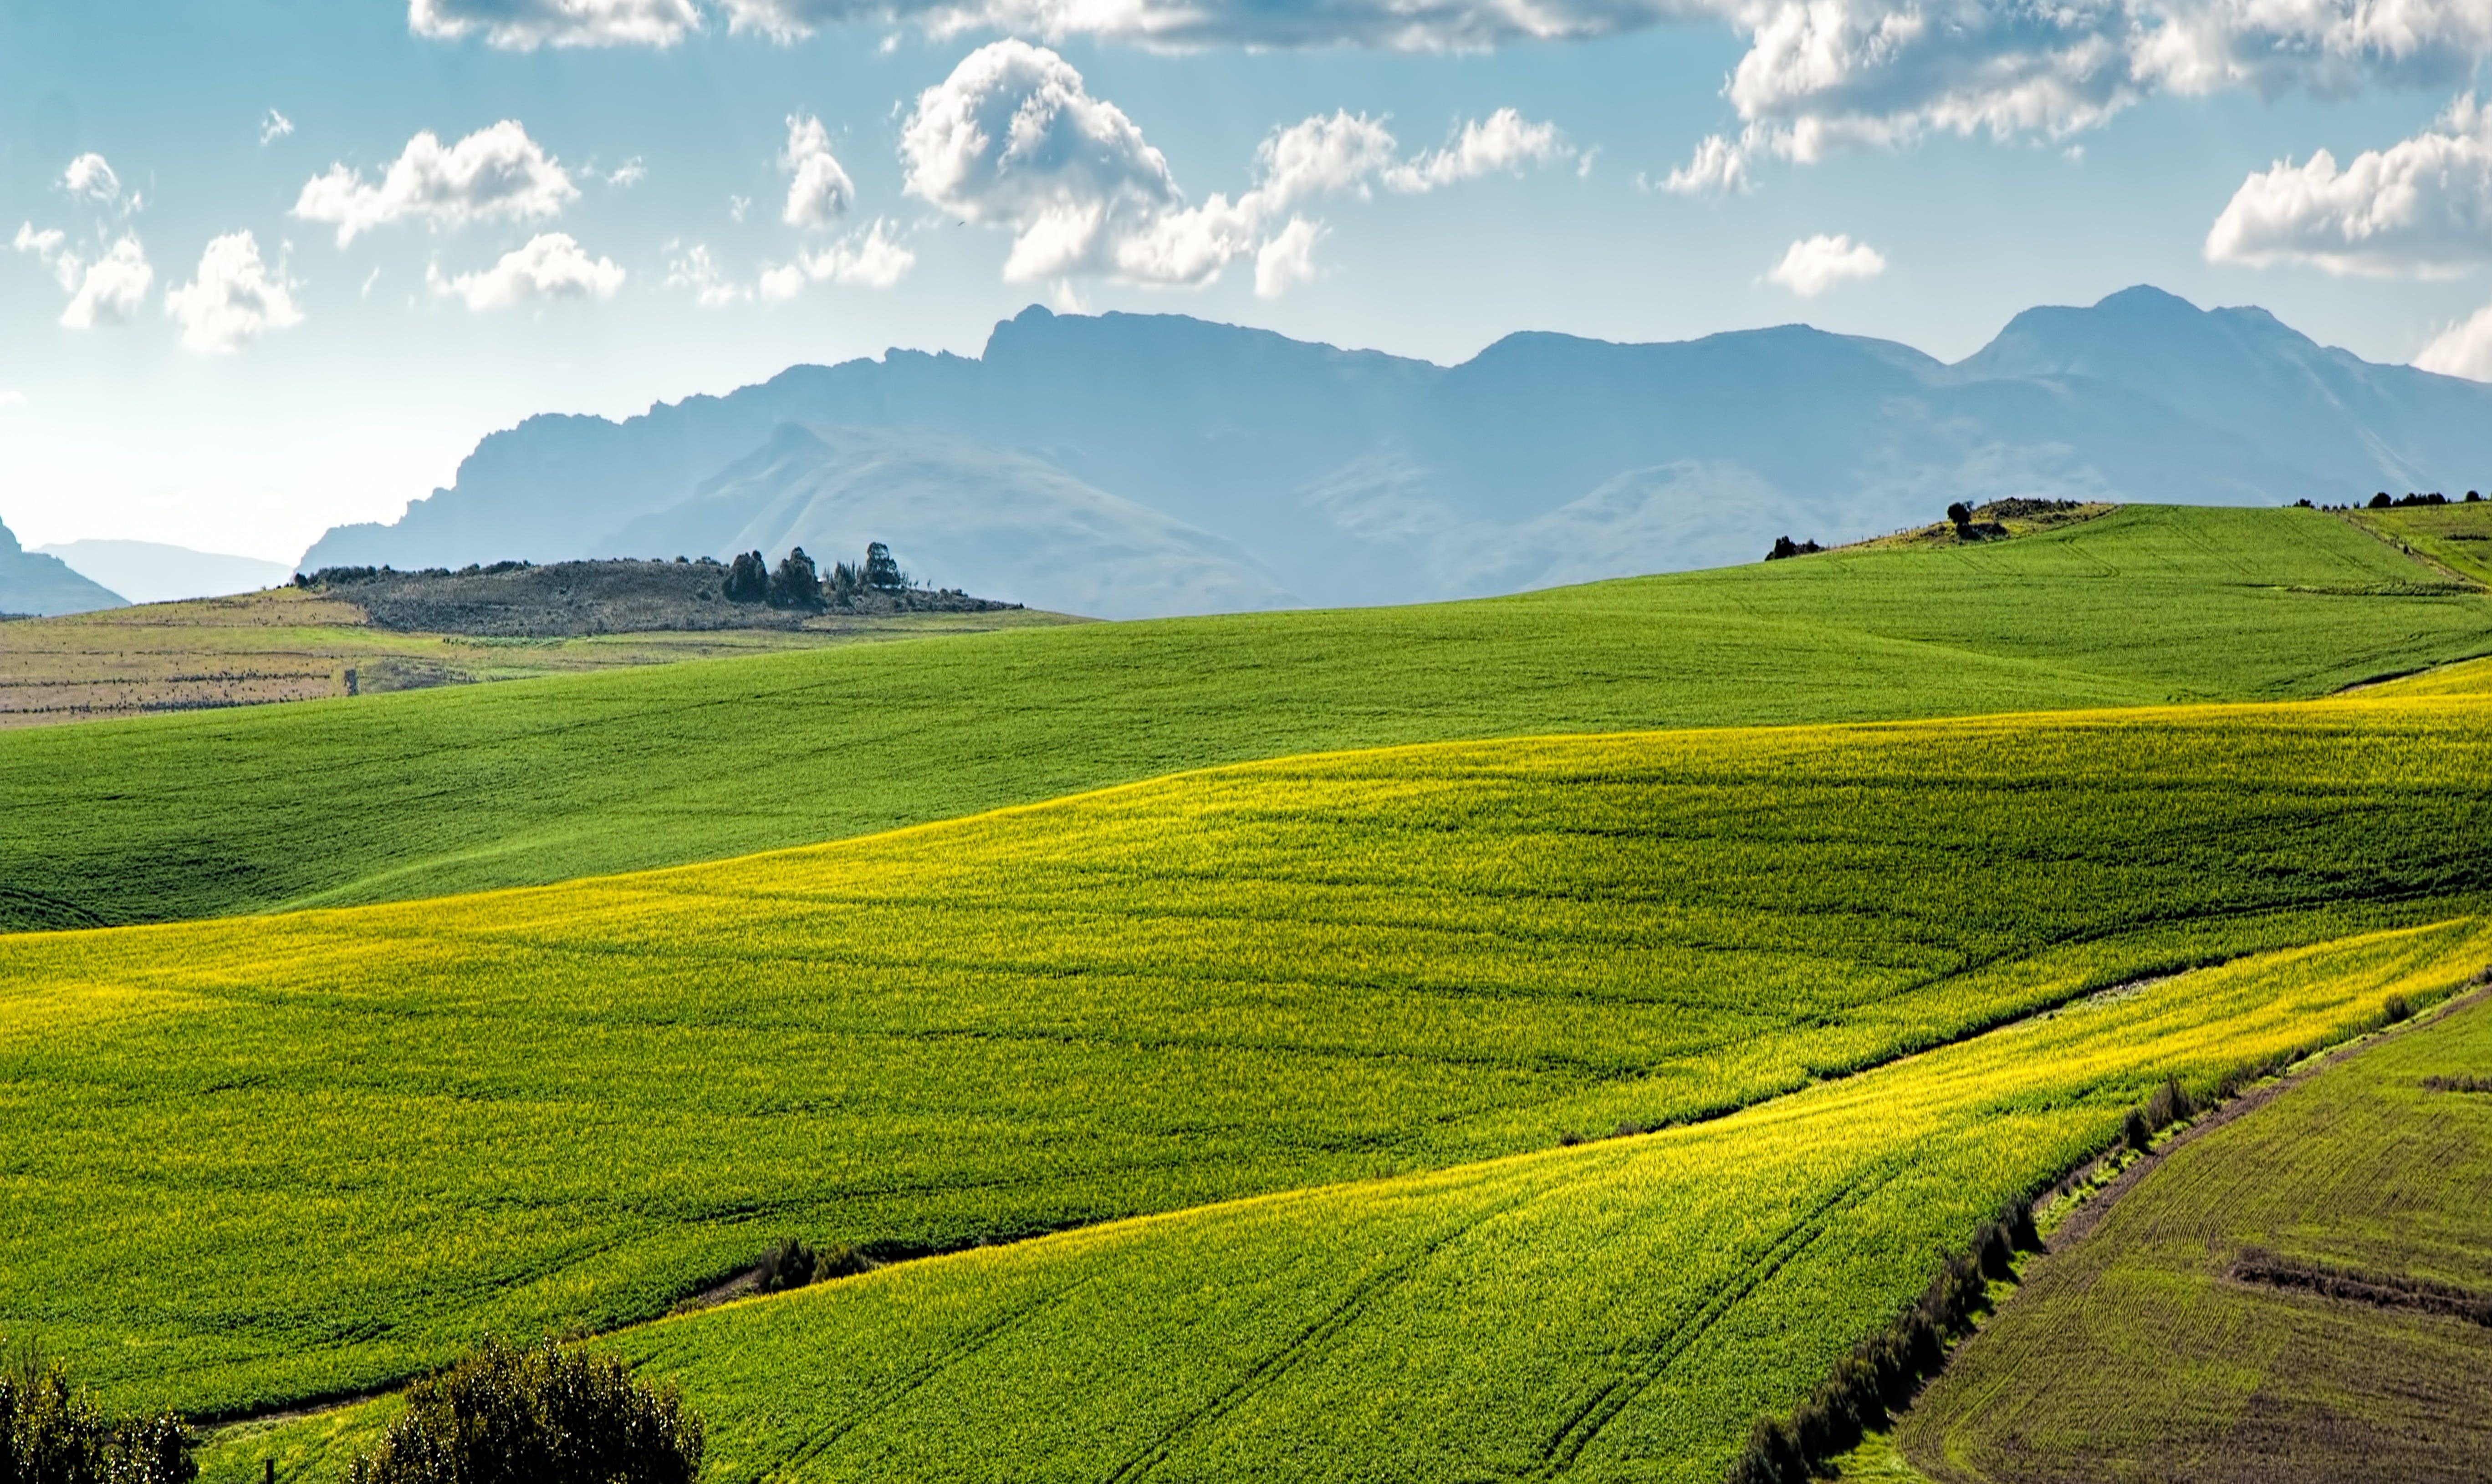 คลังภาพถ่ายฟรี ของ การทำฟาร์ม, ทุ่งเลี้ยงสัตว์, ท้องฟ้า, ธรรมชาติ